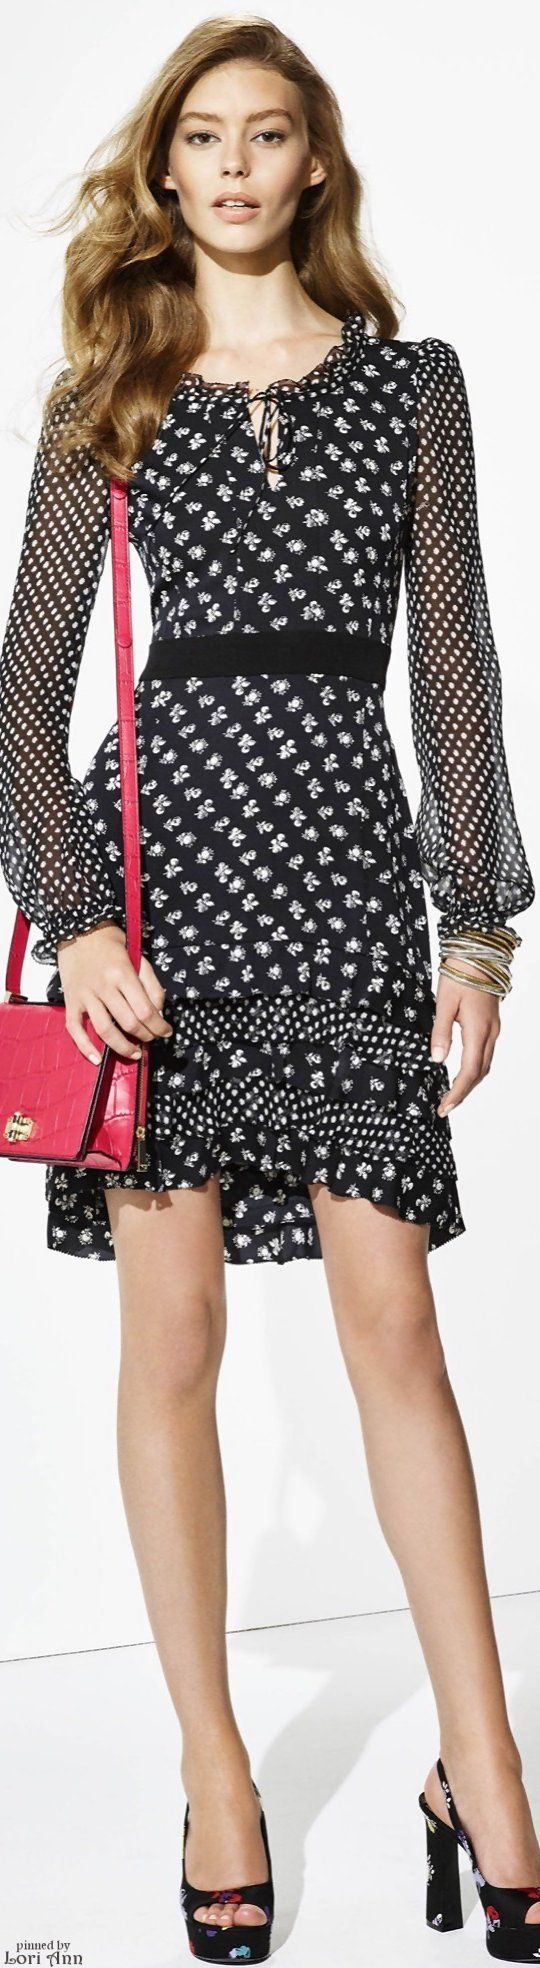 Diane von Furstenberg Resort | Resort Style and chic fashion | sexy girl in print black dress | #Thejewelryhut